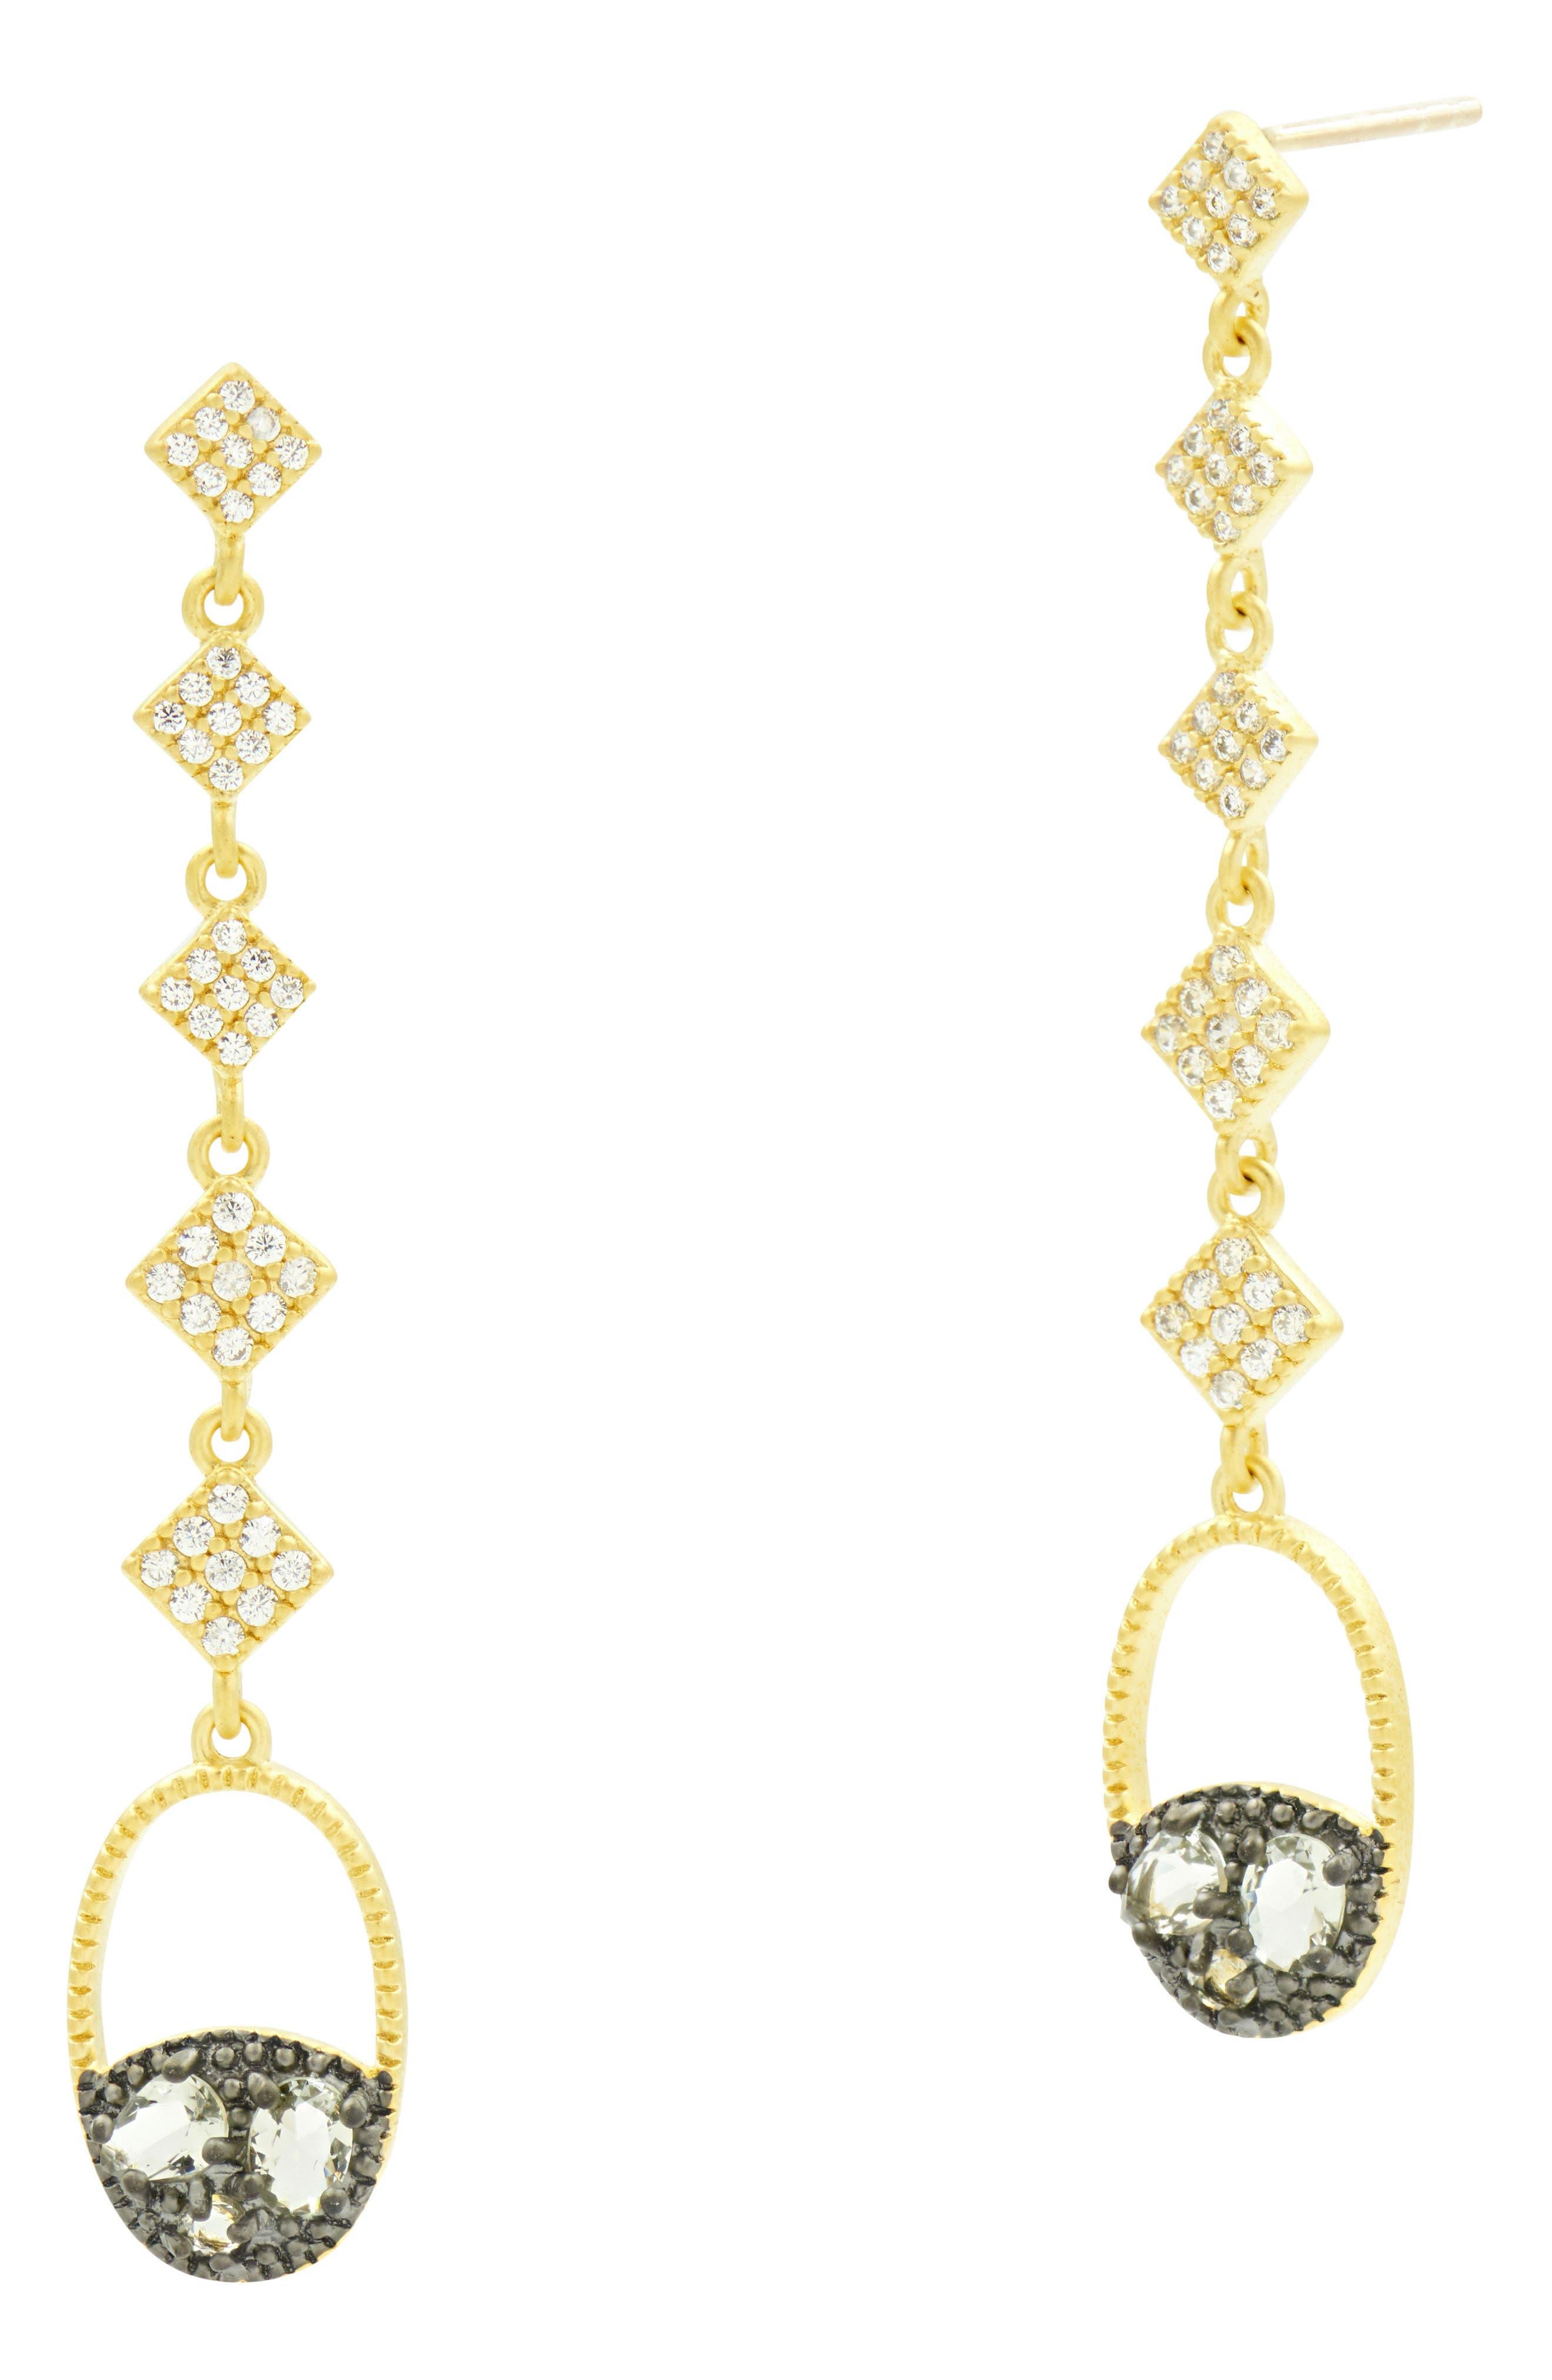 Rose Dor Drop Earrings,                         Main,                         color, Black/ Gold